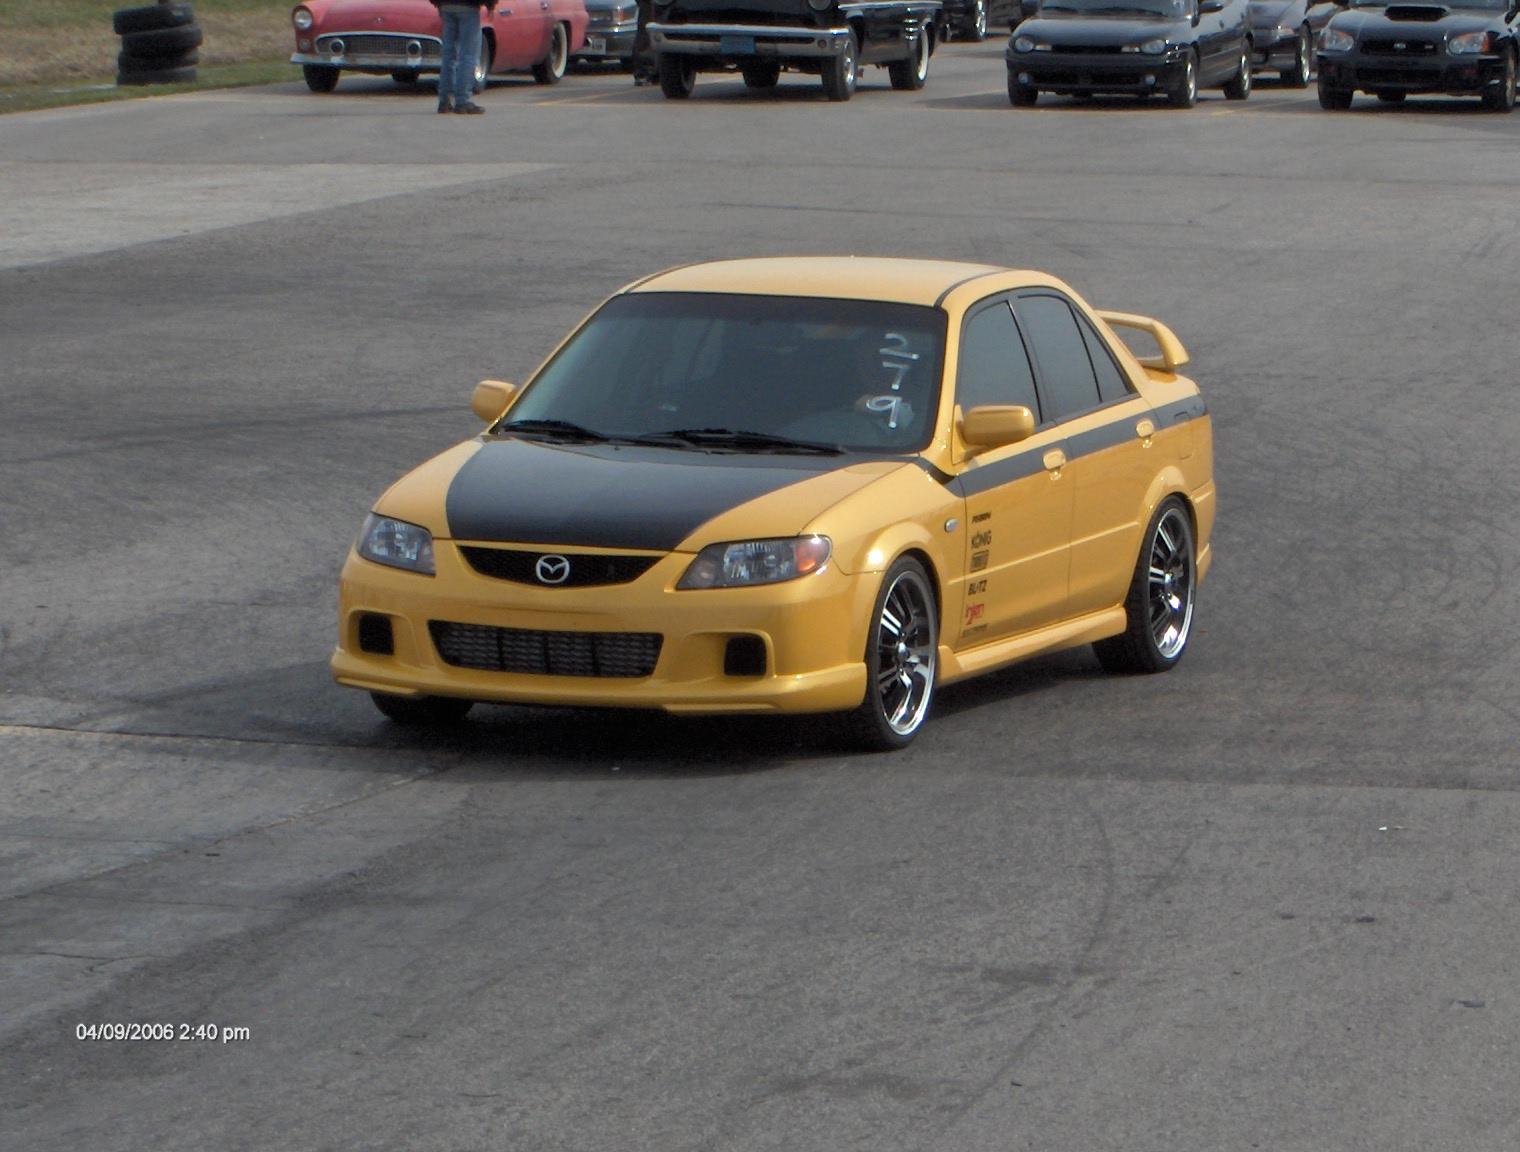 Mazda MAZDASPEED Protege - Pictures - 2003 Mazda MAZDASPEED Protege ...